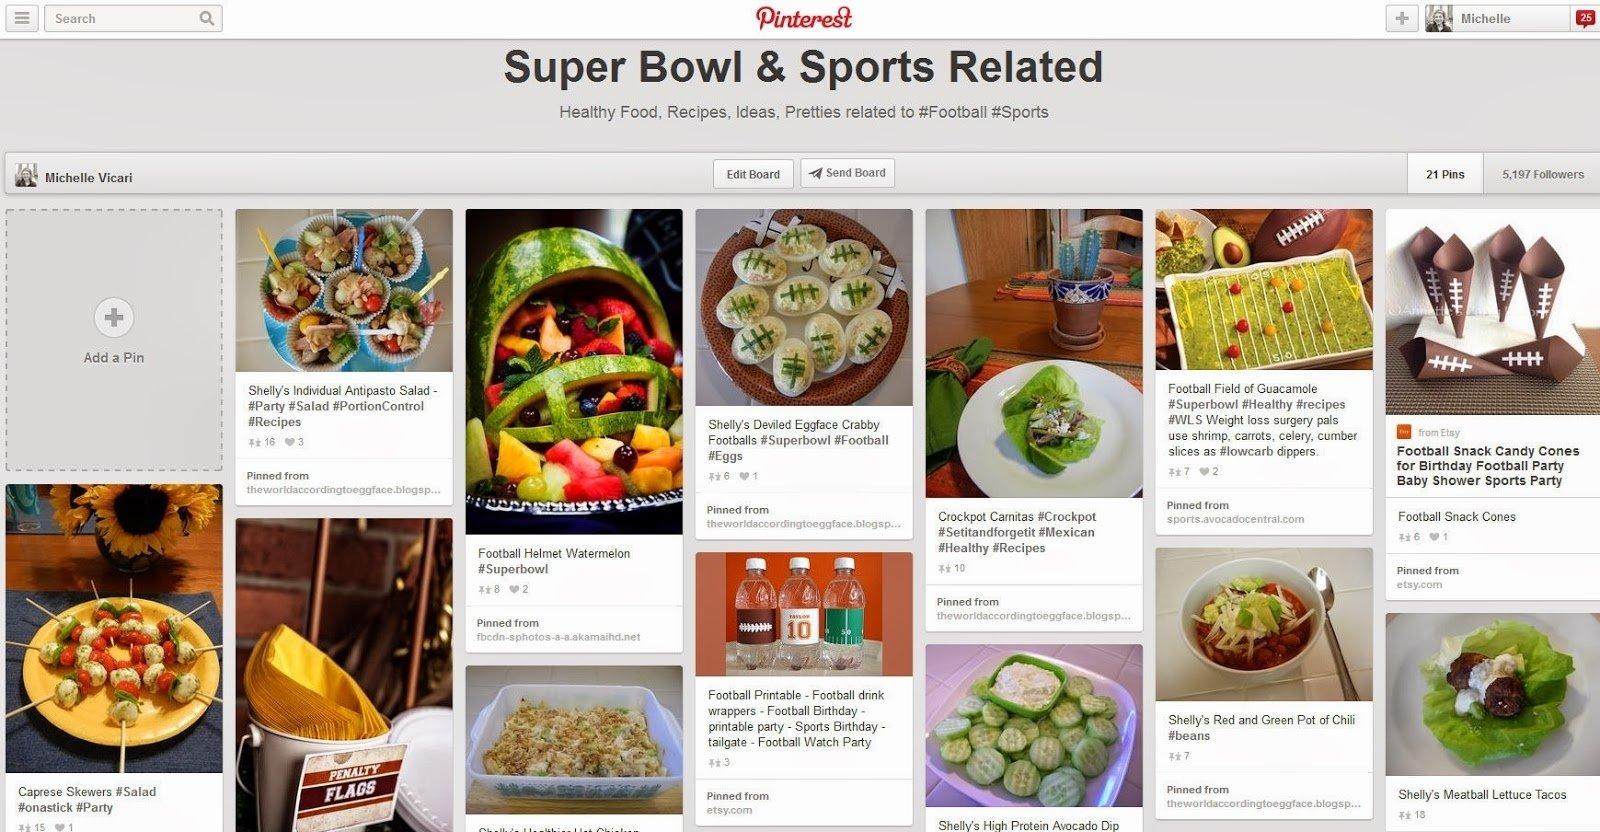 10 Gorgeous Super Bowl Party Ideas Pinterest theworldaccordingtoeggface super bowl pinterest party 2020